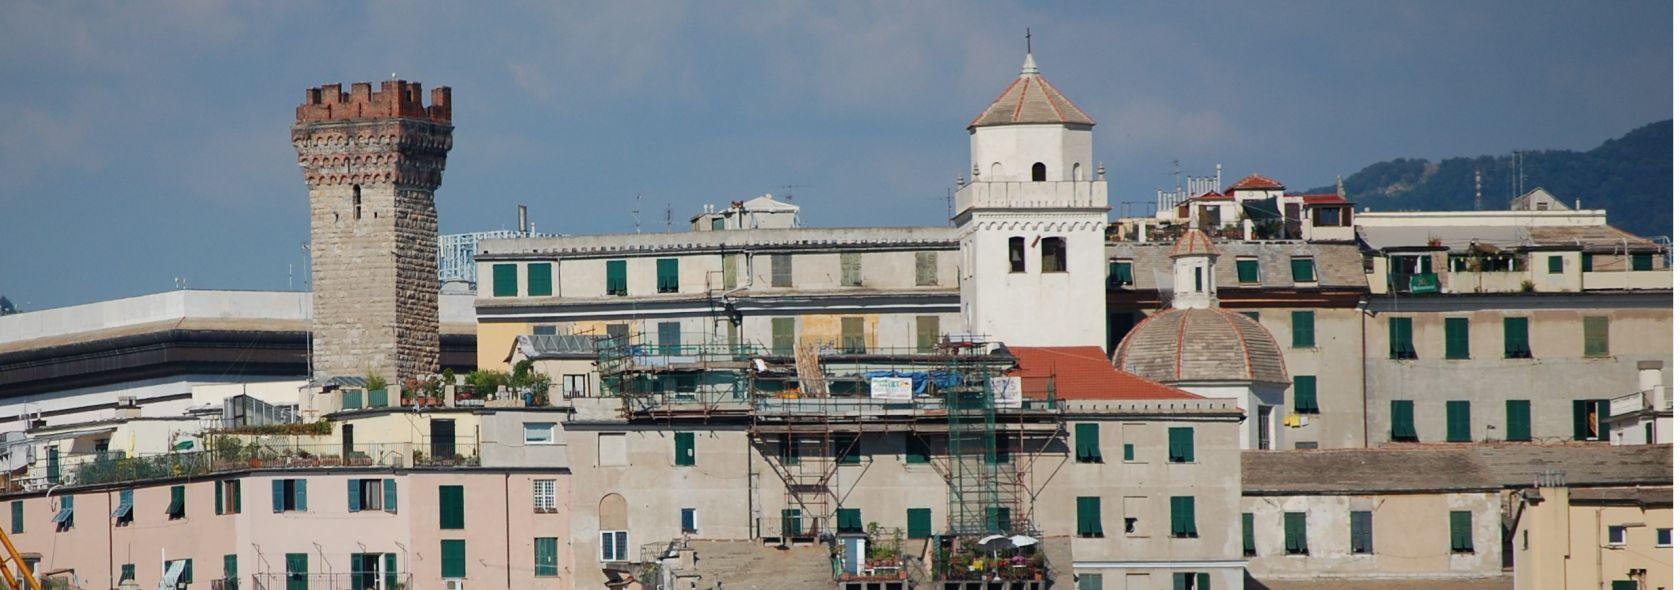 Santa Maria di Castello e Torre Embriaci Foto ©Genovacittadigitale